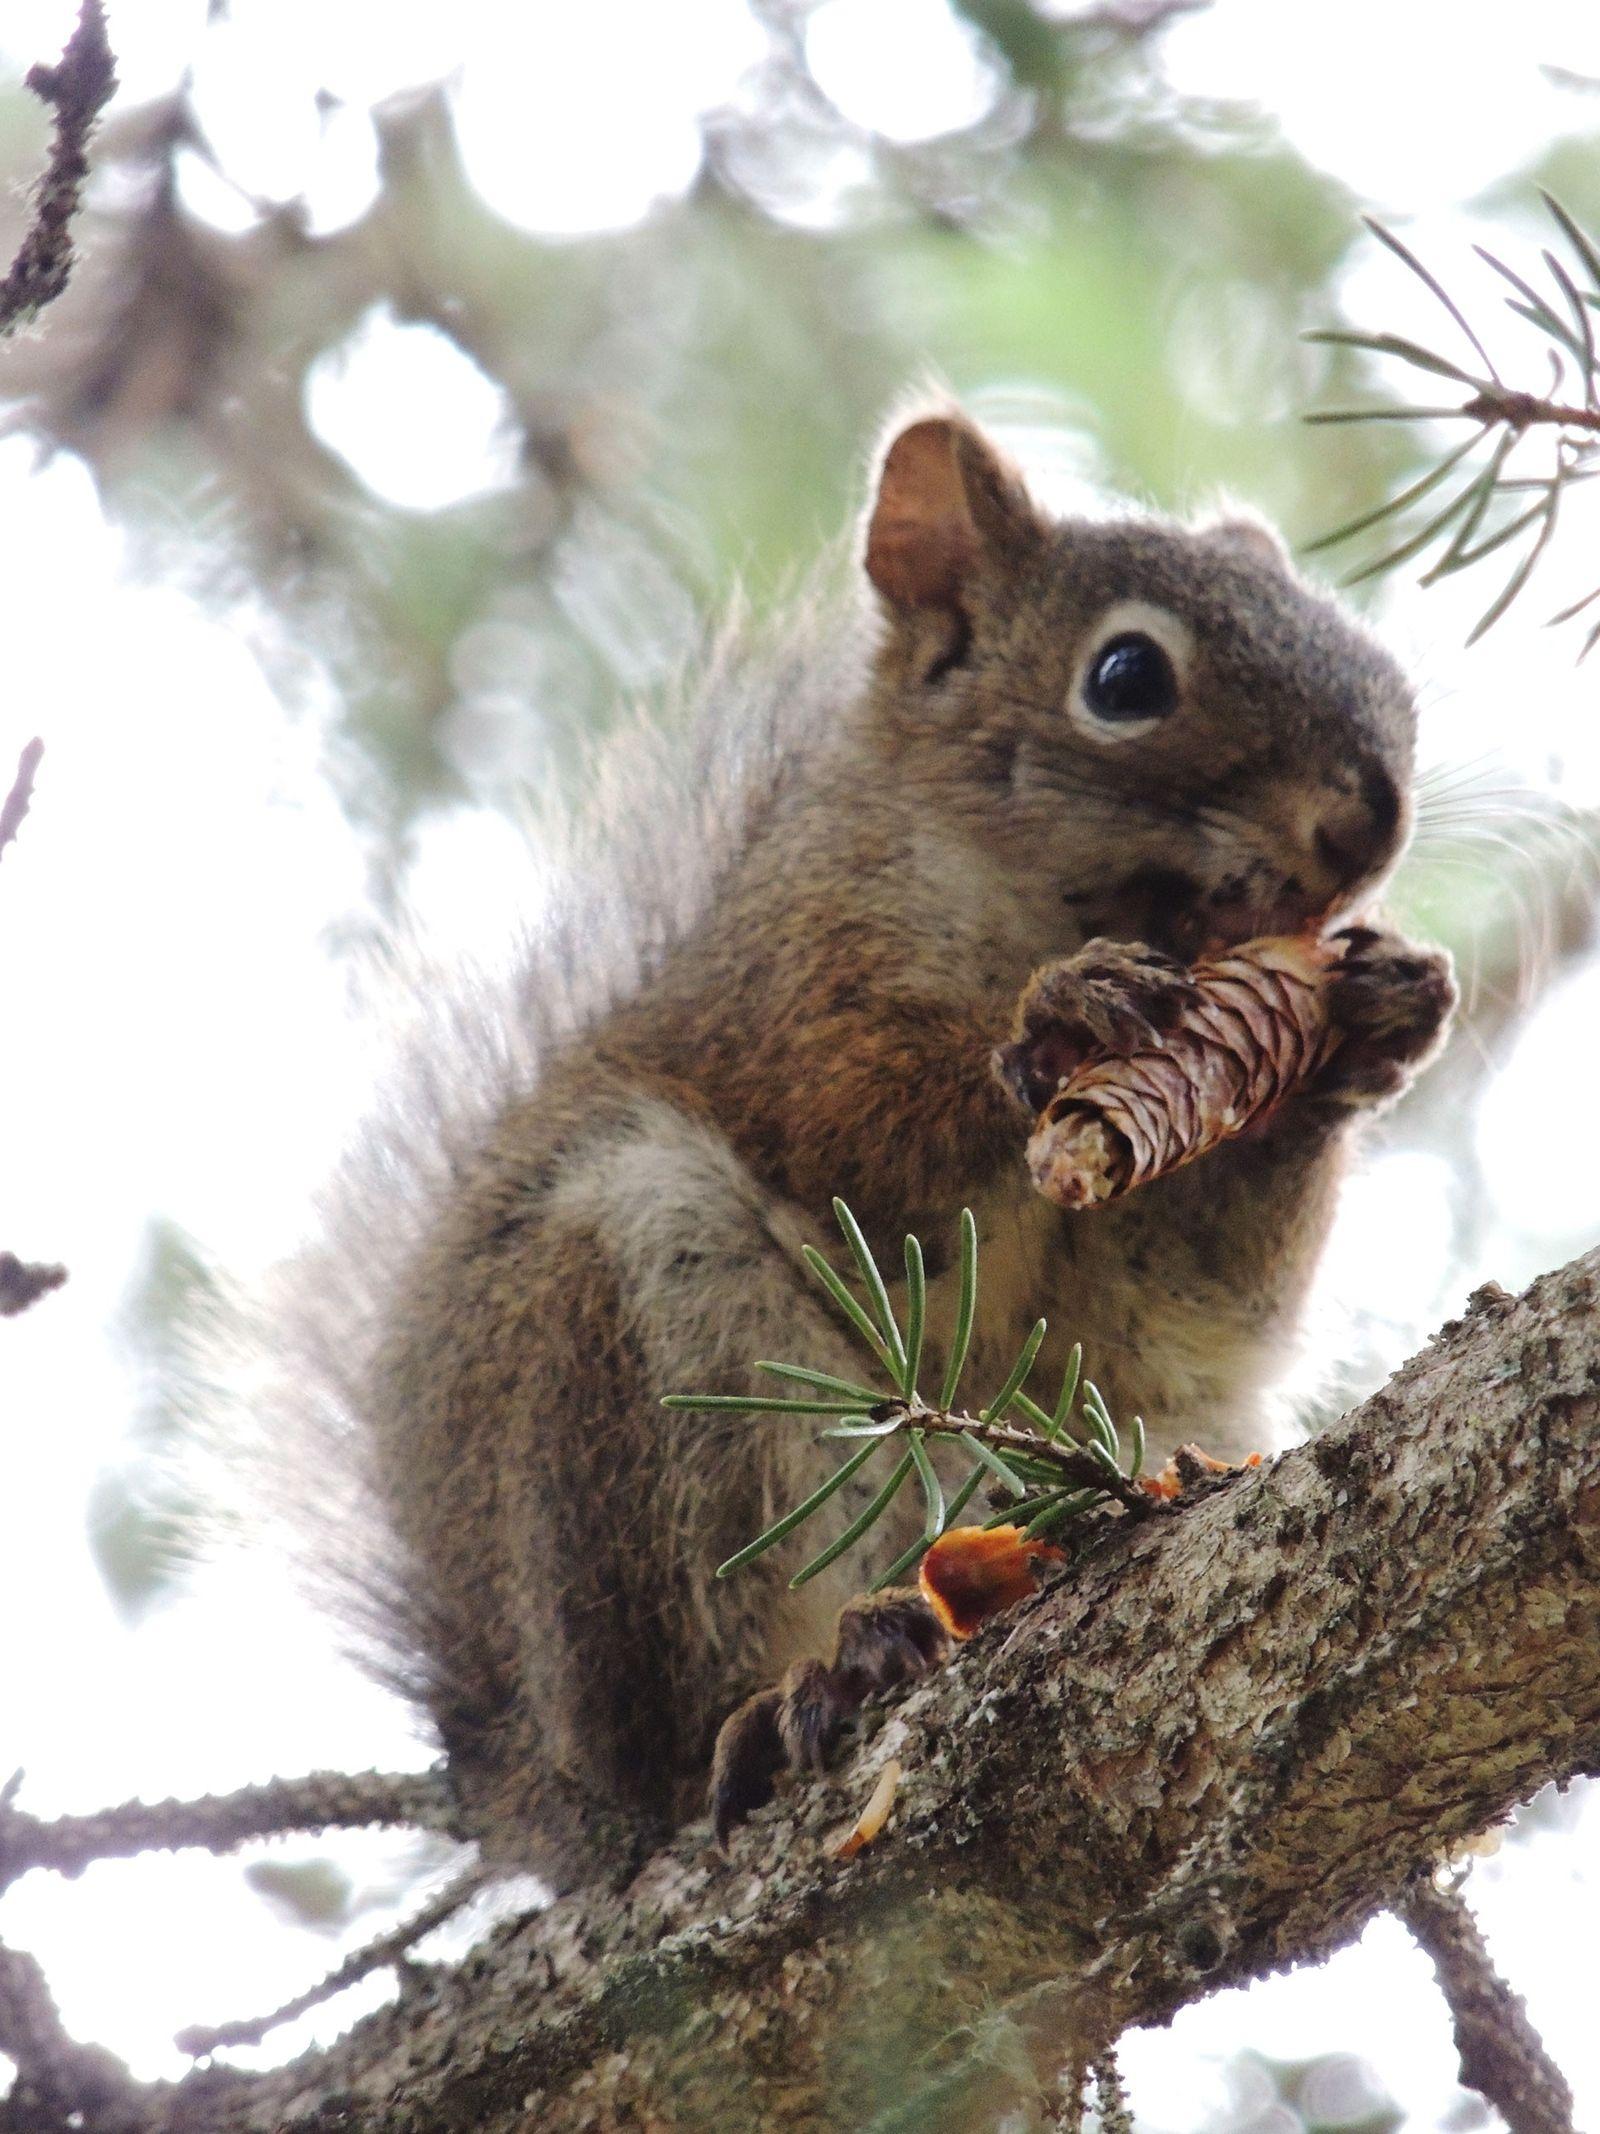 Il semblerait que les écureuils roux soient capables de prédire quand les pins blancs vont produire ...